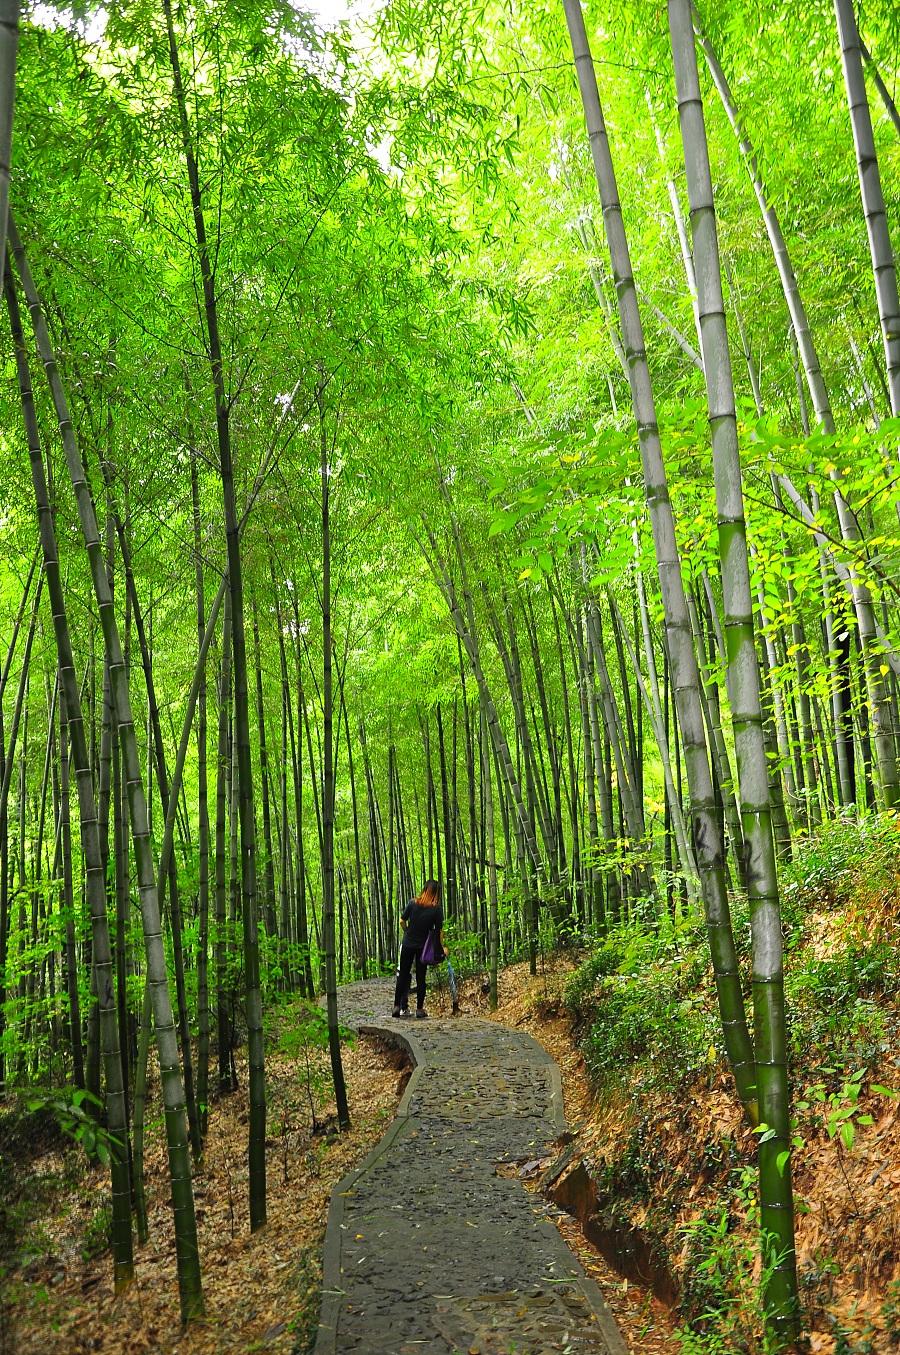 壁纸墙贴 高清竹林风景时尚电视背景墙装饰画已下载22次超大高清竹林